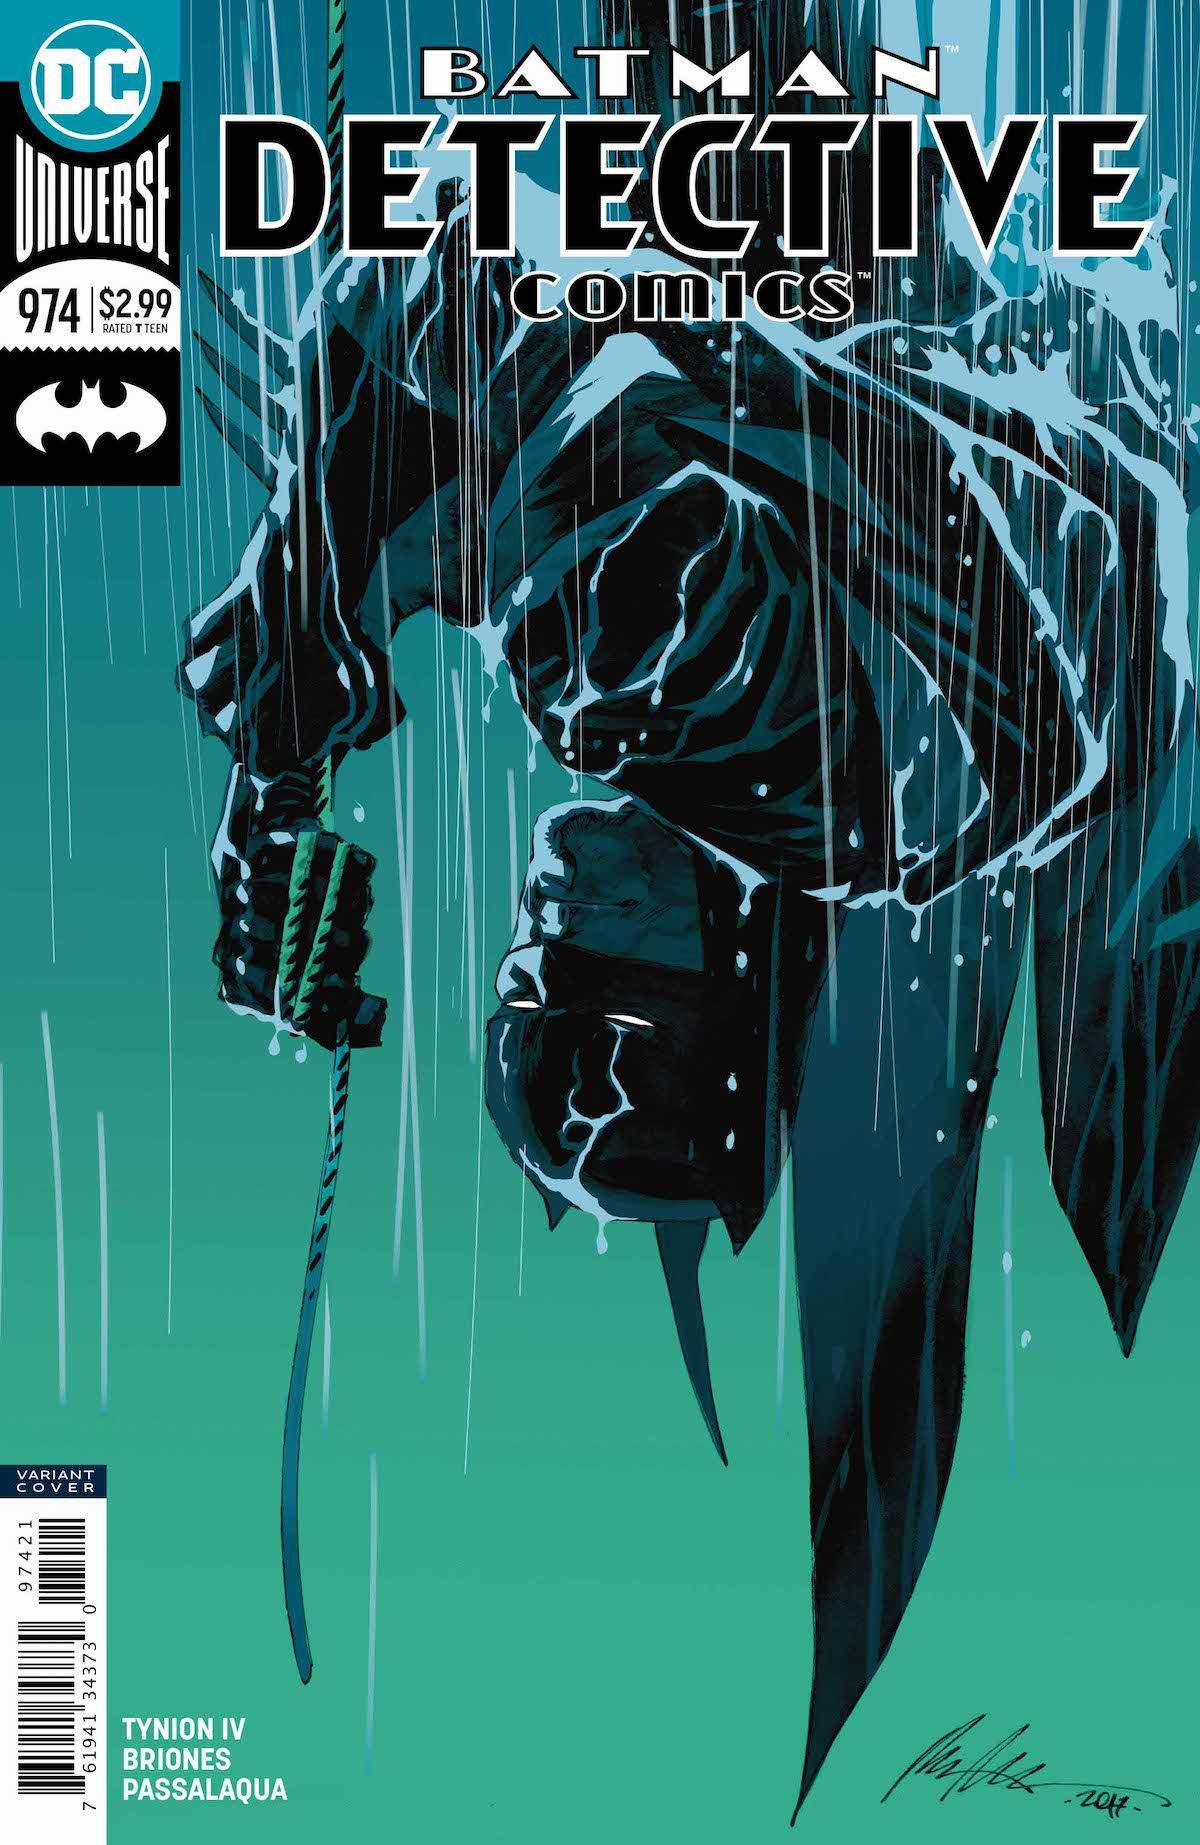 Batman: Detective Comics #974 variant cover